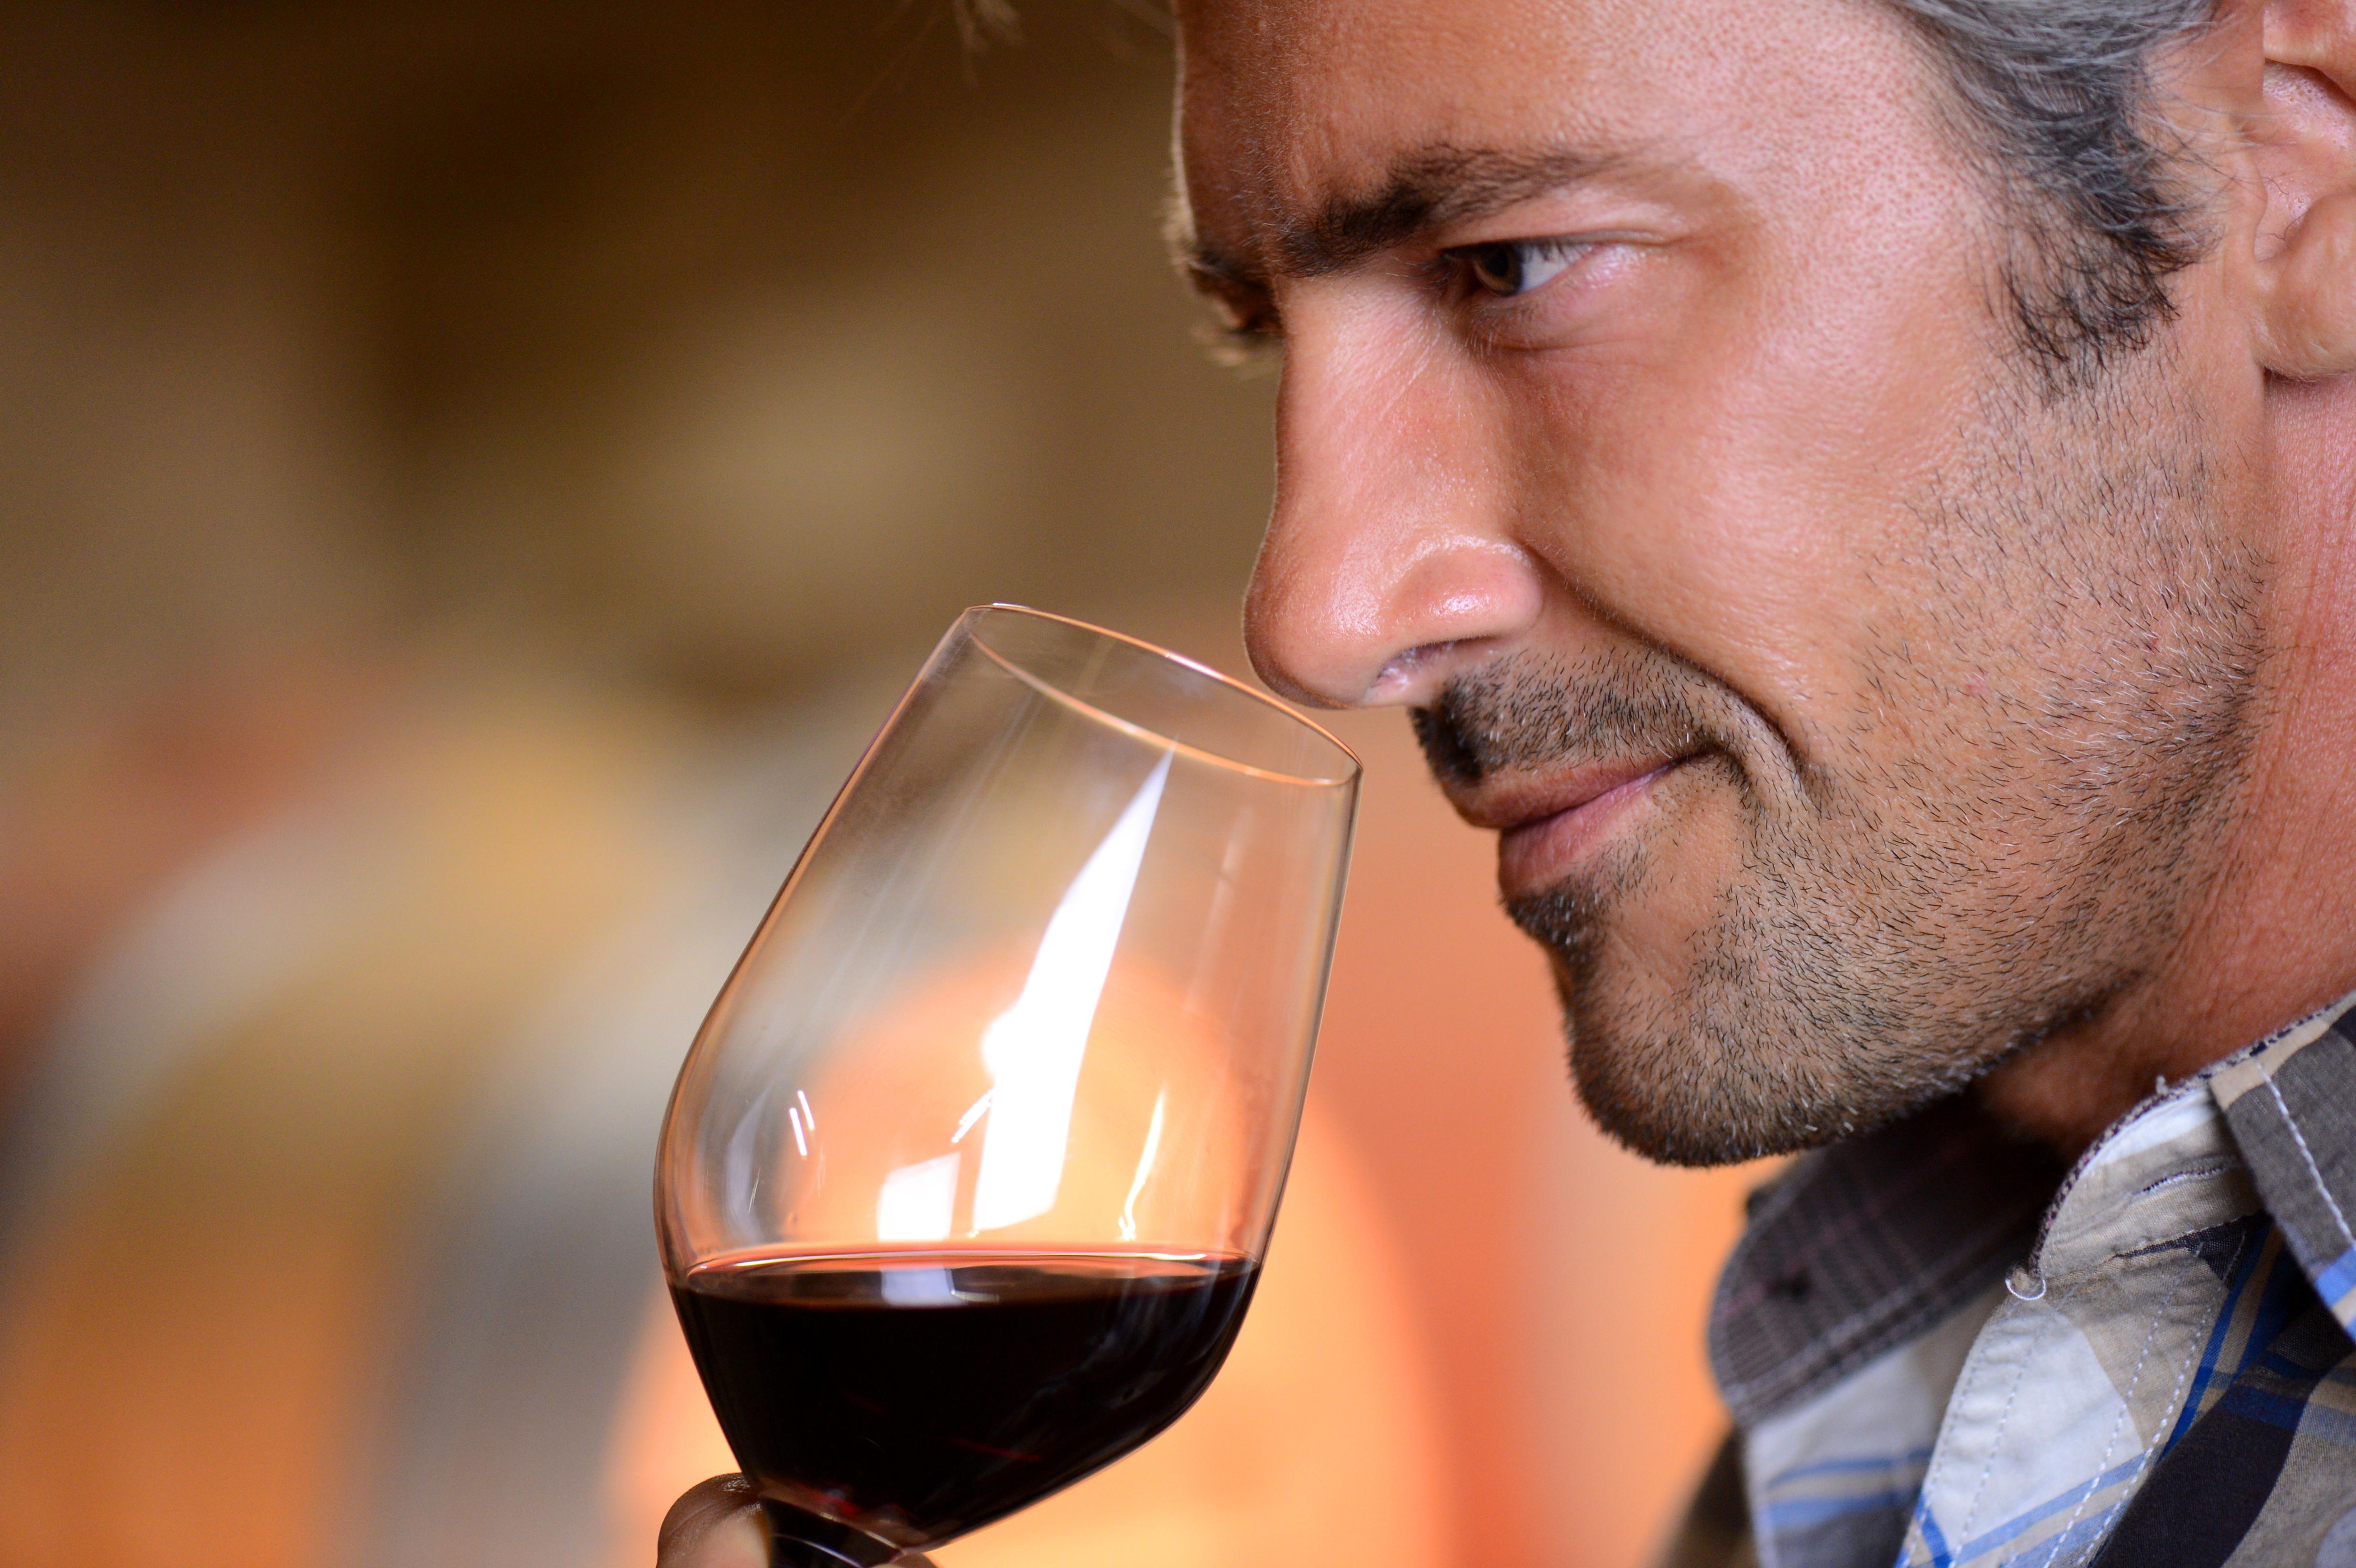 Catar el vino en nariz y en boca es fundamental para parecer que sabes de vino FUENTE: pixabay.com